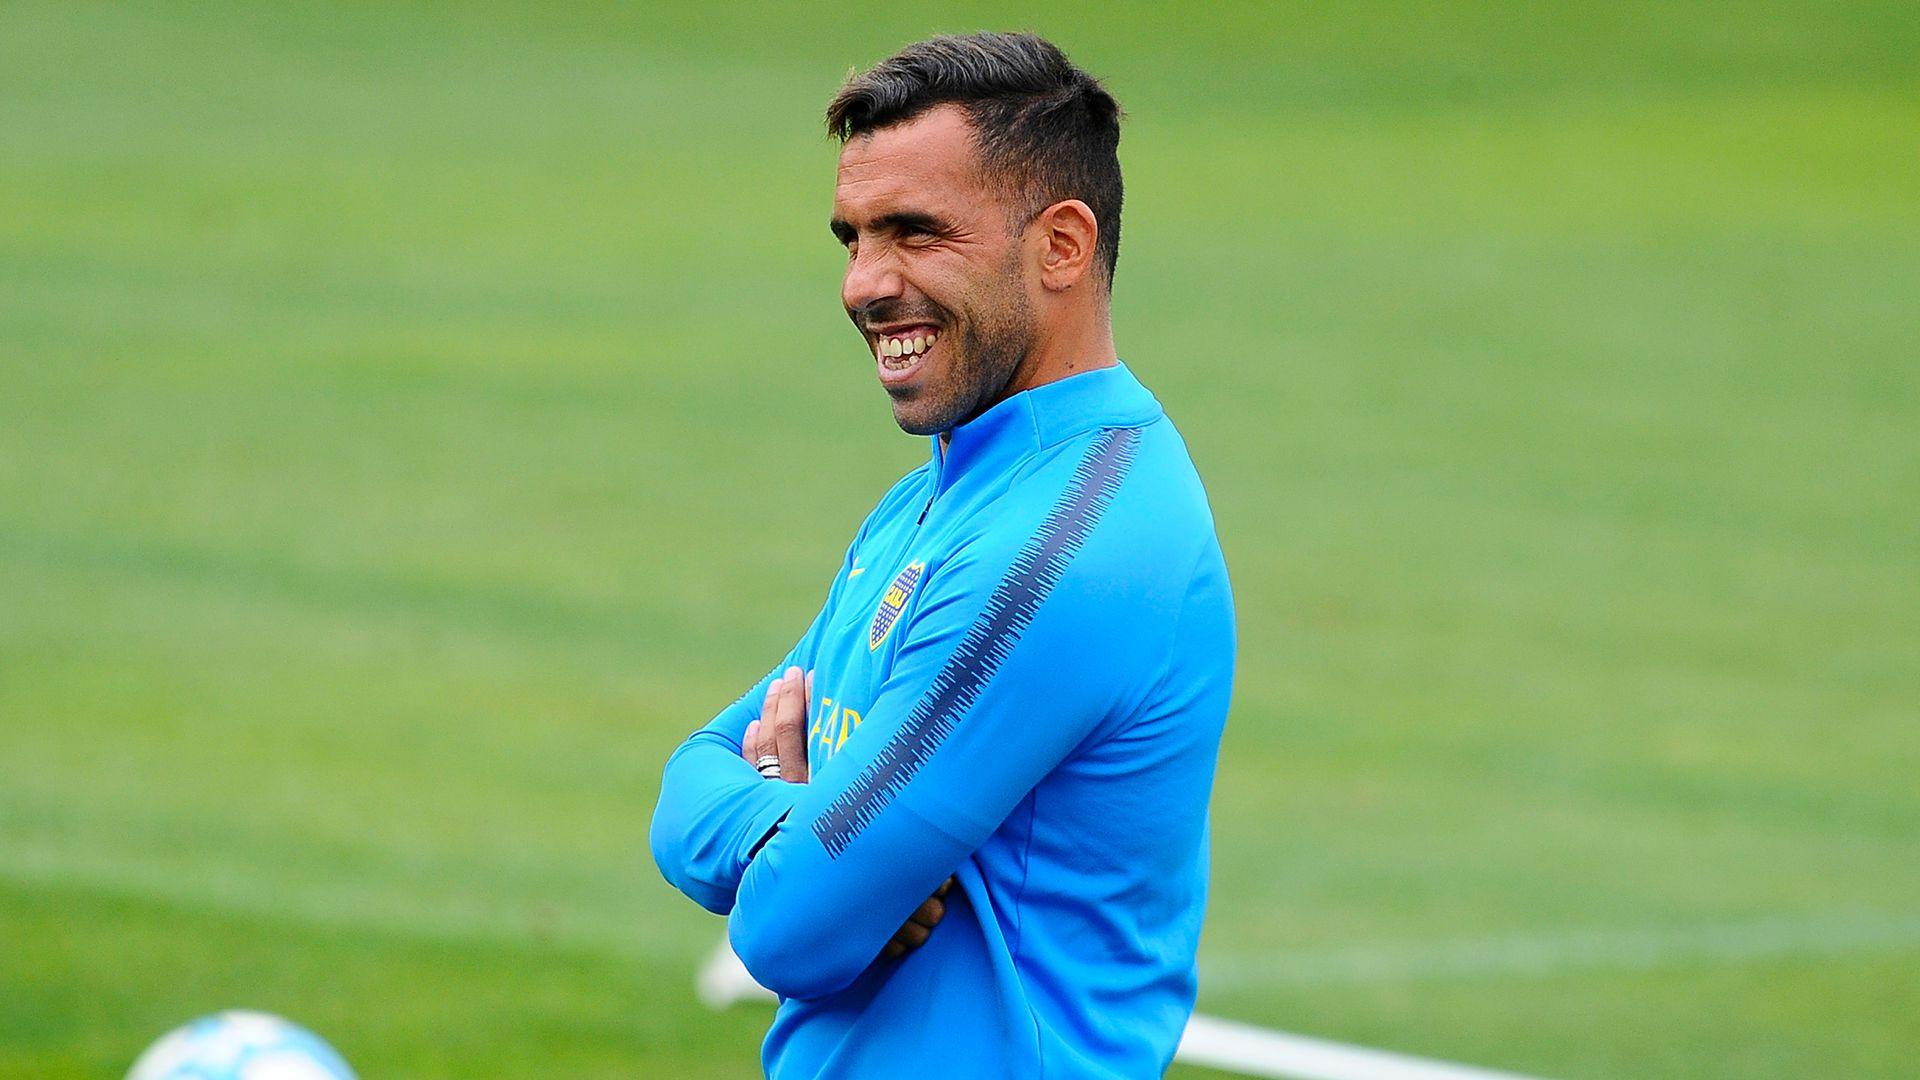 ¿Sigue en Boca, se va a otro club o se retira? (Foto Baires)